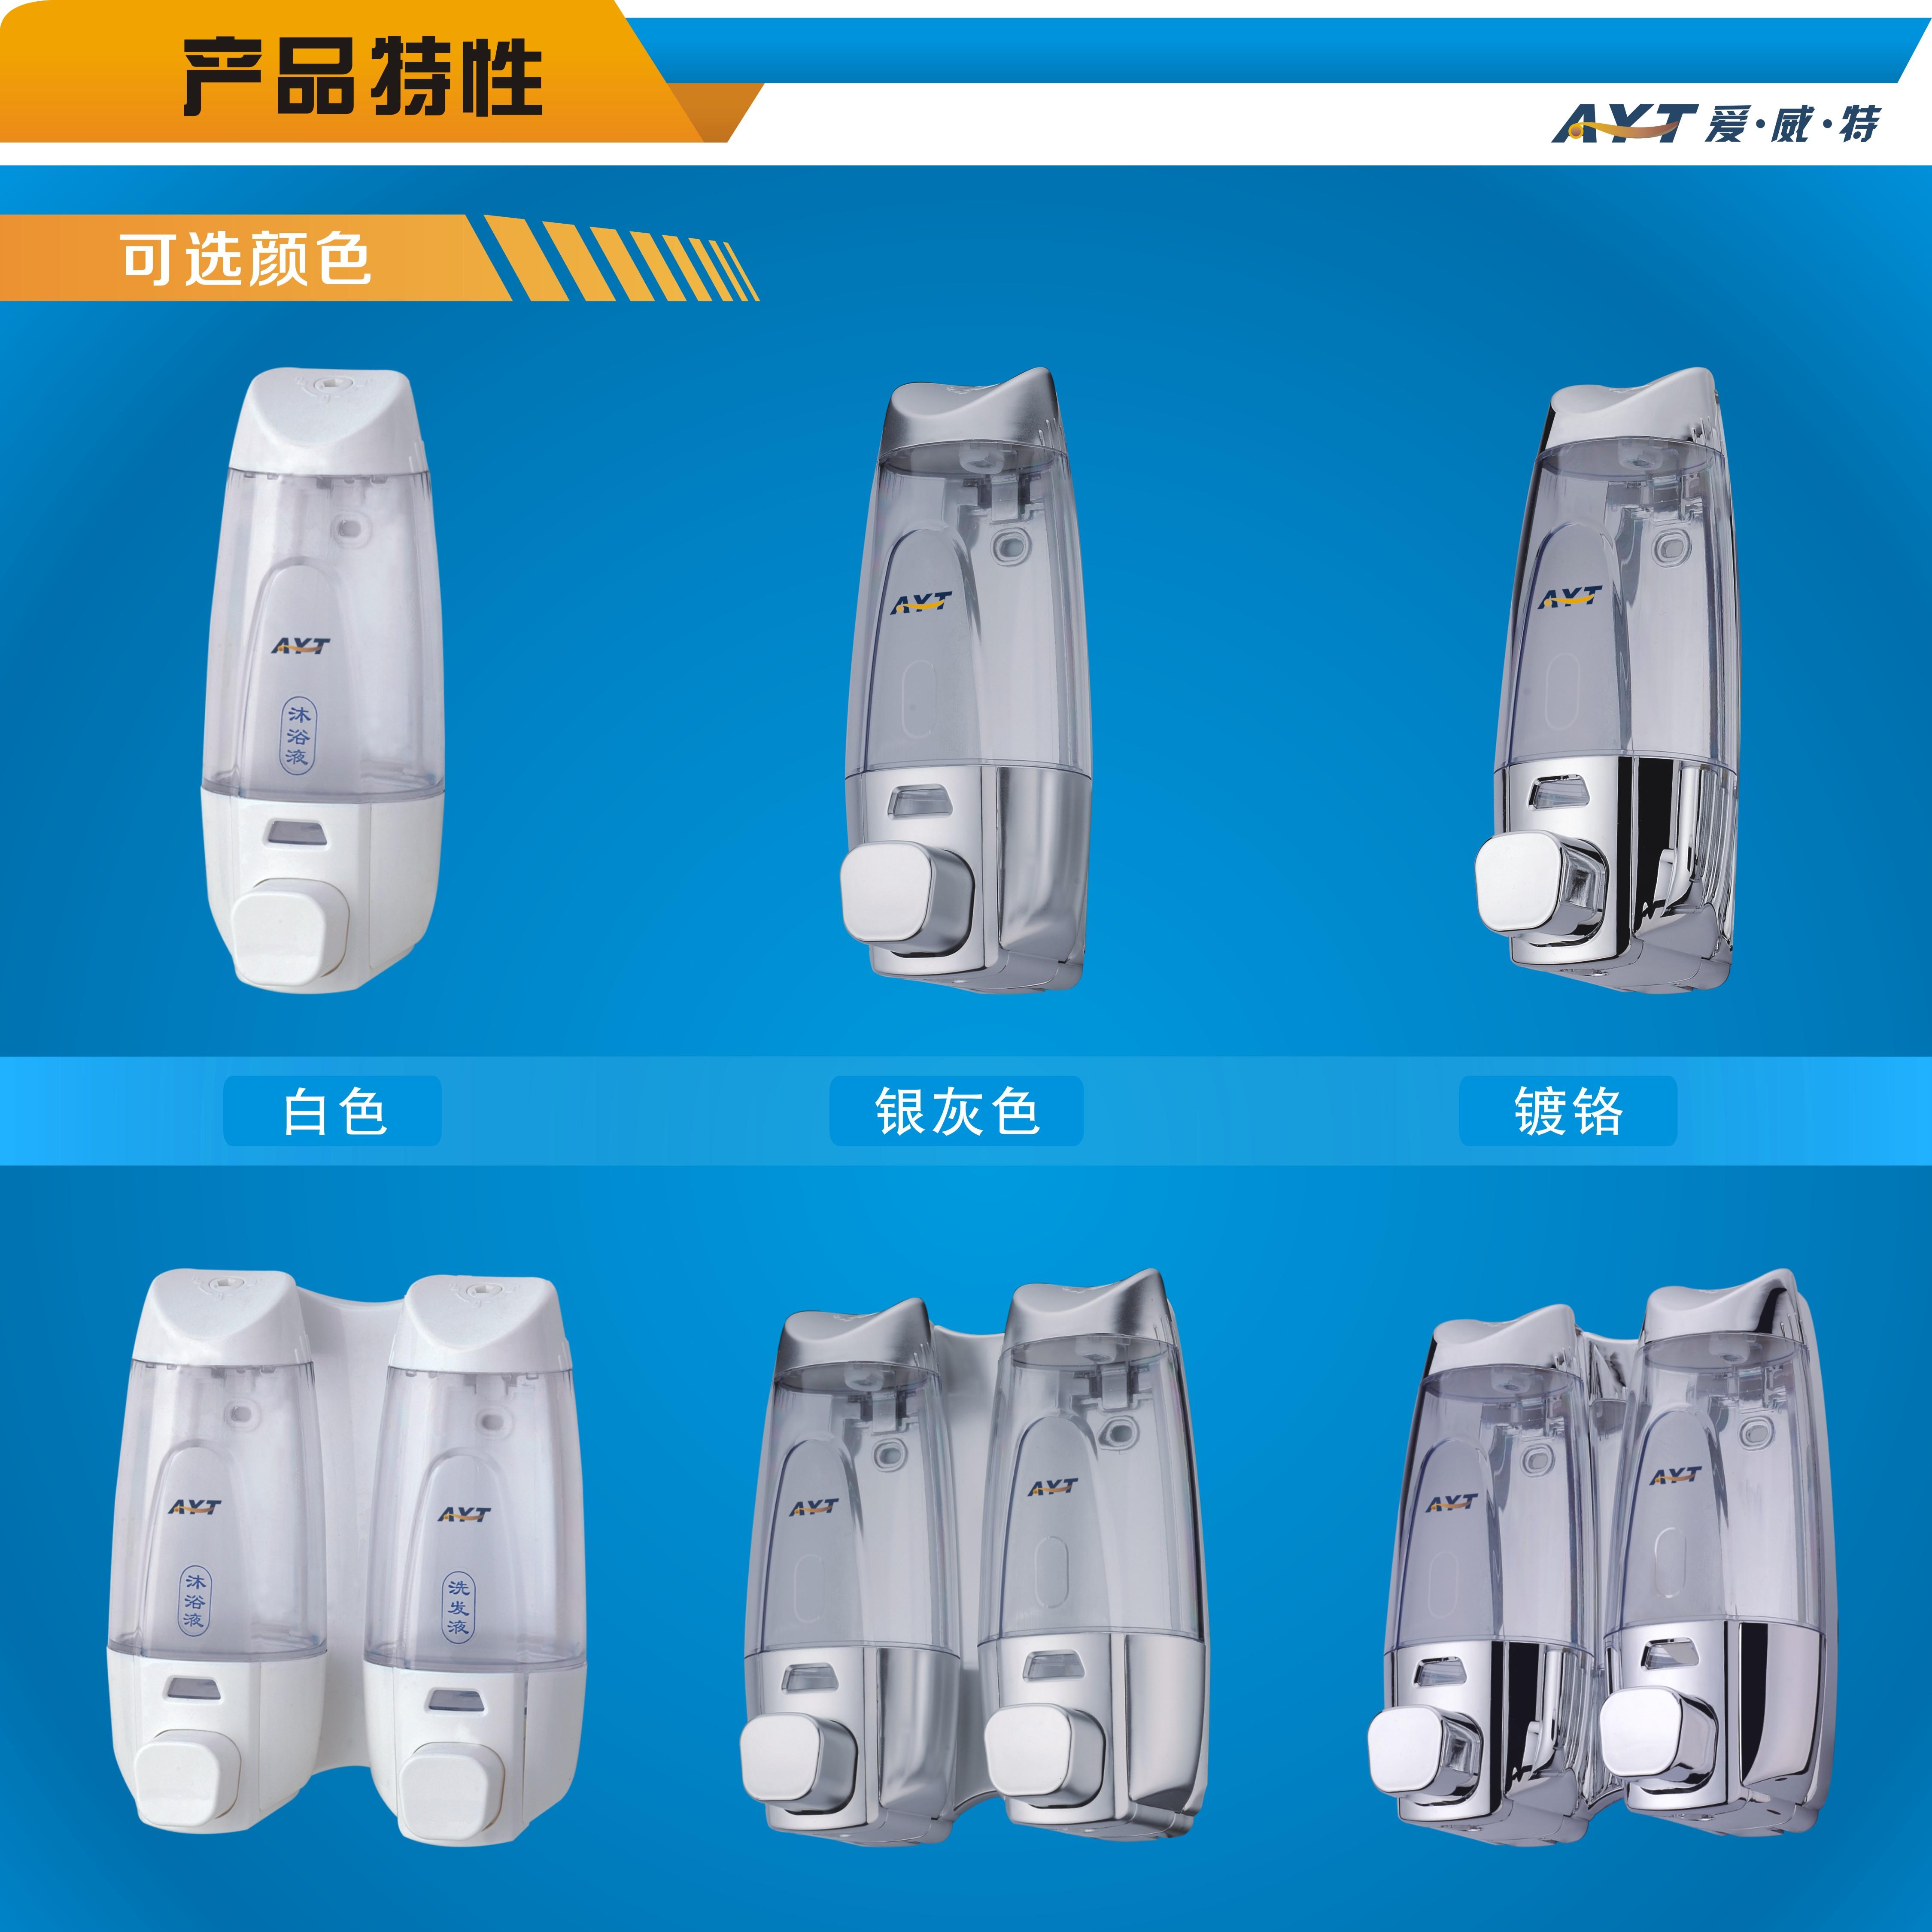 单头可视塑料手动皂液器(ayt-638d-1)